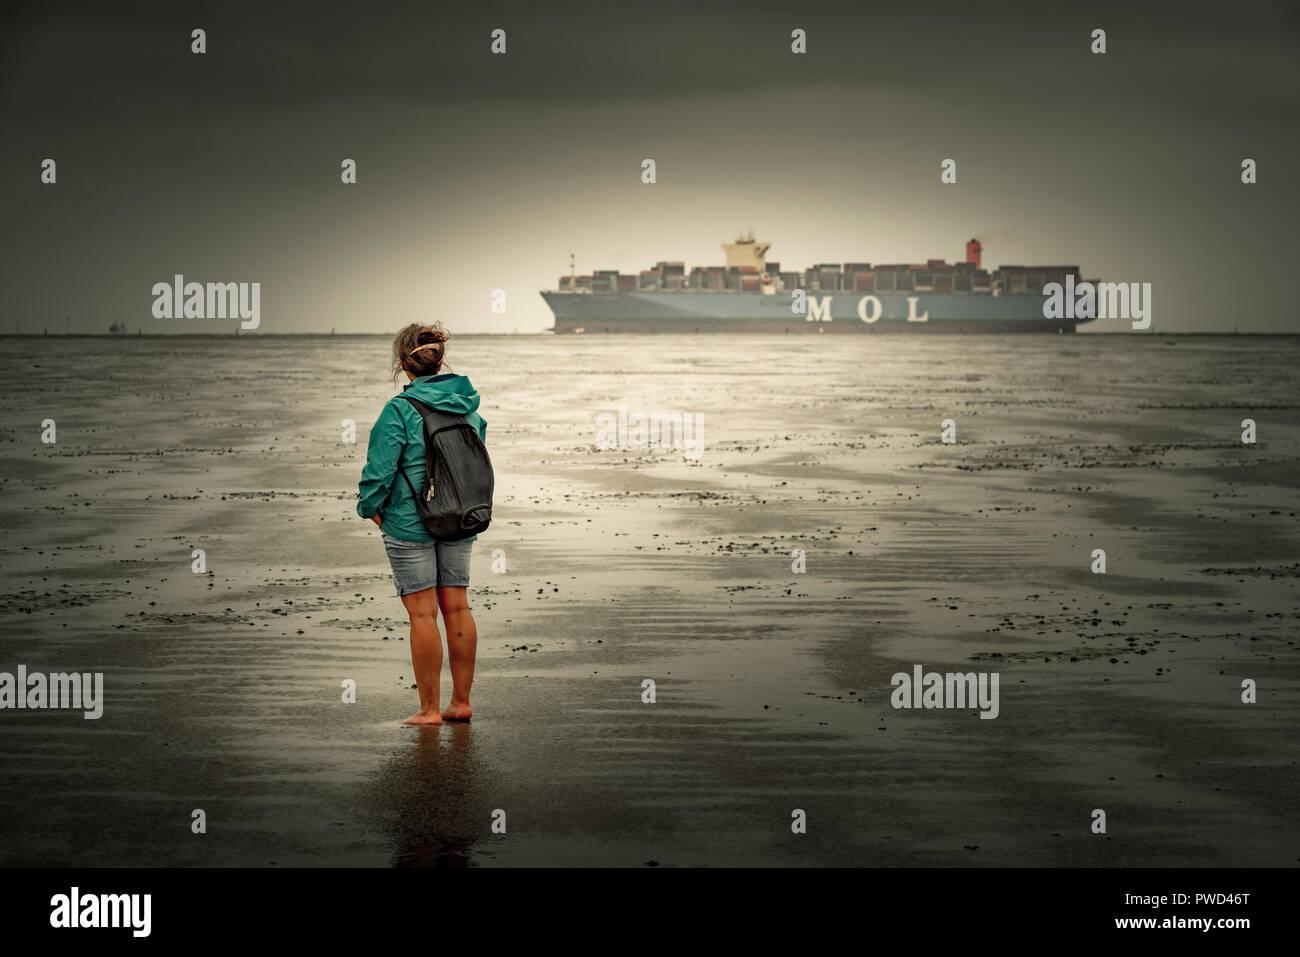 Deutschland, Niedersachsen, Cuxhaven, Neuwerk, Wattenmeer, Watt, Containerschiff - Stock Image